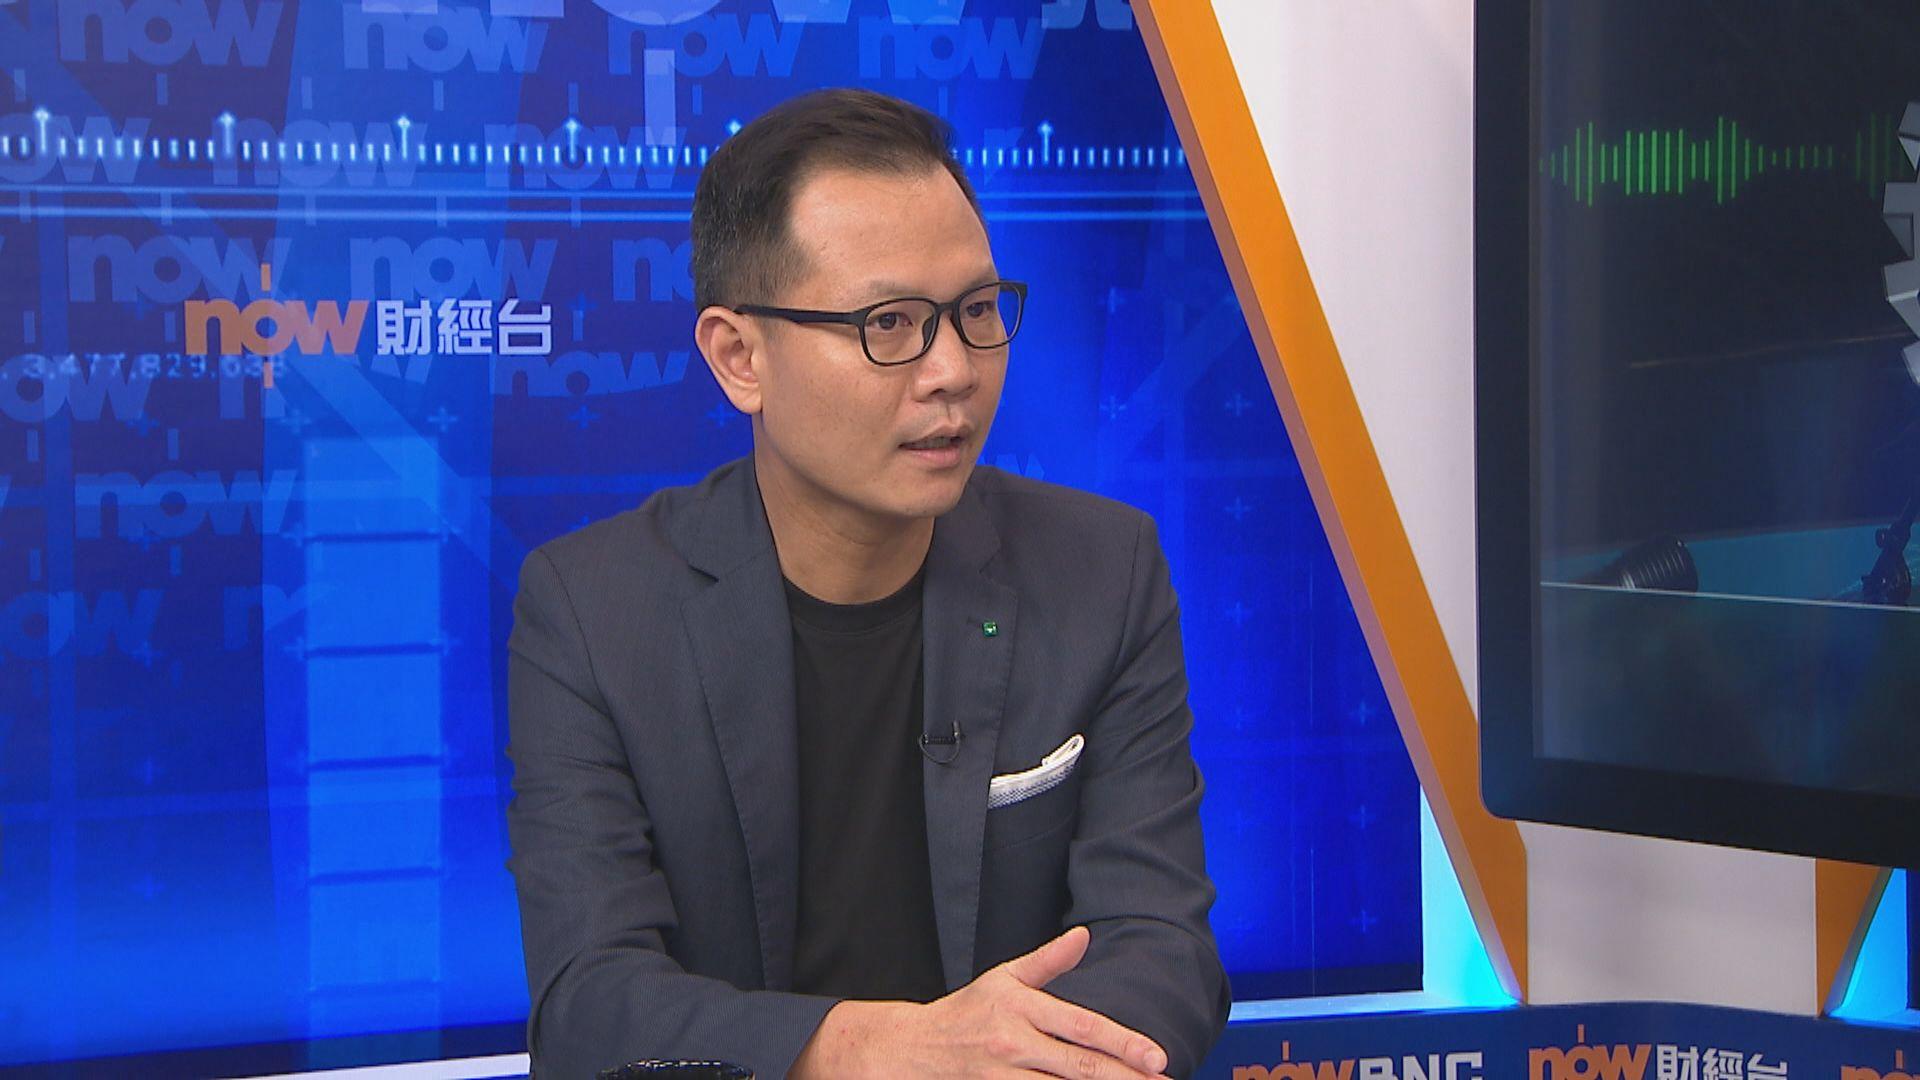 郭榮鏗:不希望美國改變香港政策法